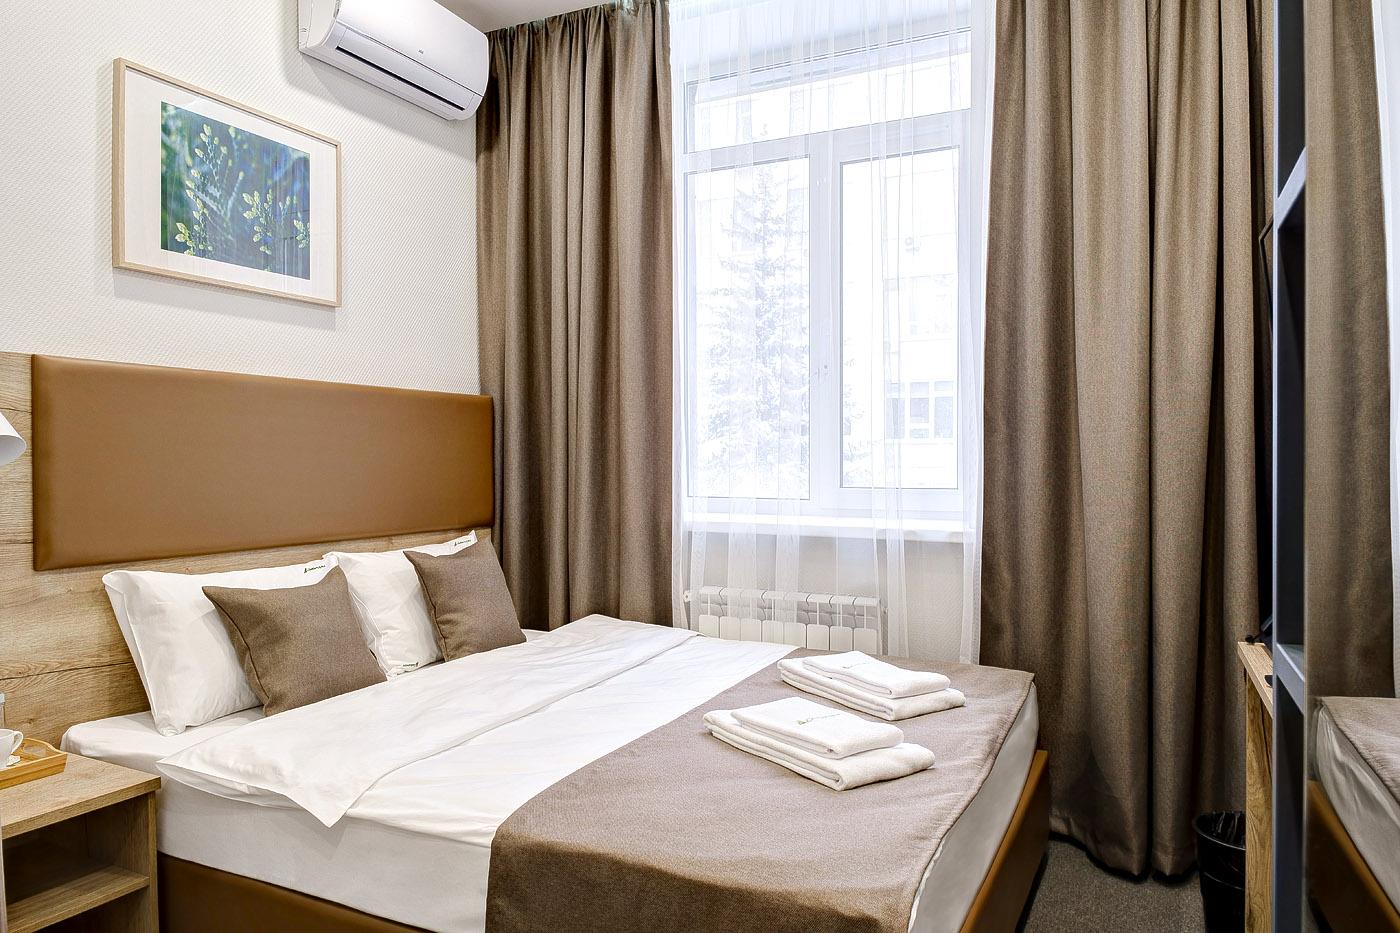 Отель в Москве недорого на сутки